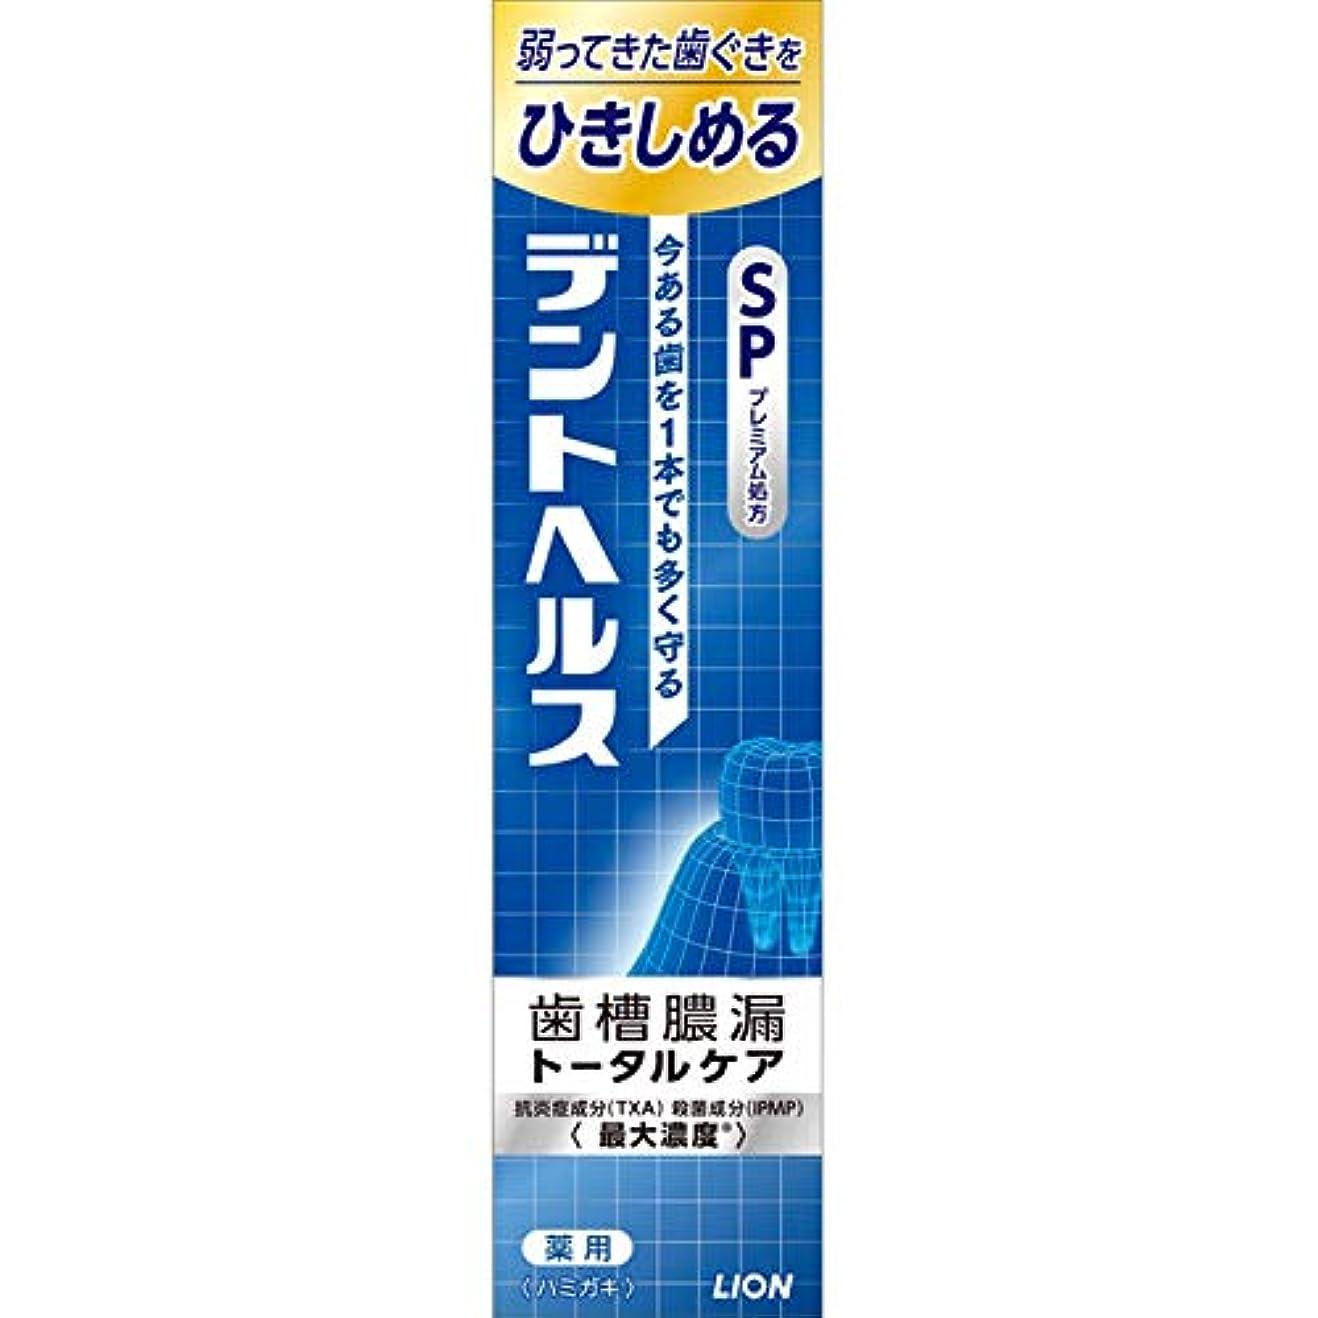 ネイティブ稚魚ひねくれたライオン デントヘルス 薬用ハミガキ SP 120g (医薬部外品)